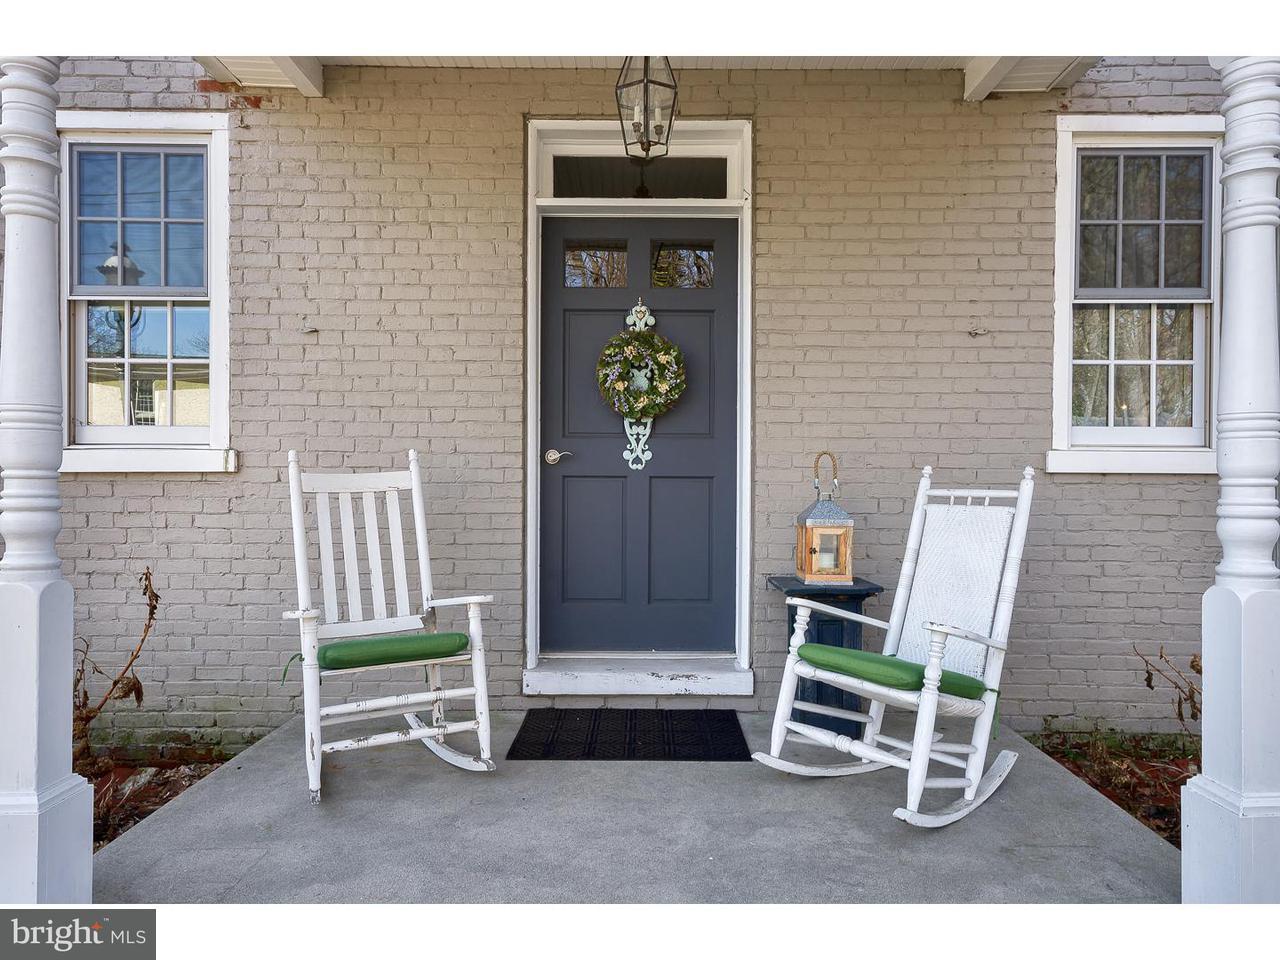 Частный односемейный дом для того Продажа на 35 MILL Street Vincentown, Нью-Джерси 08088 Соединенные Штаты